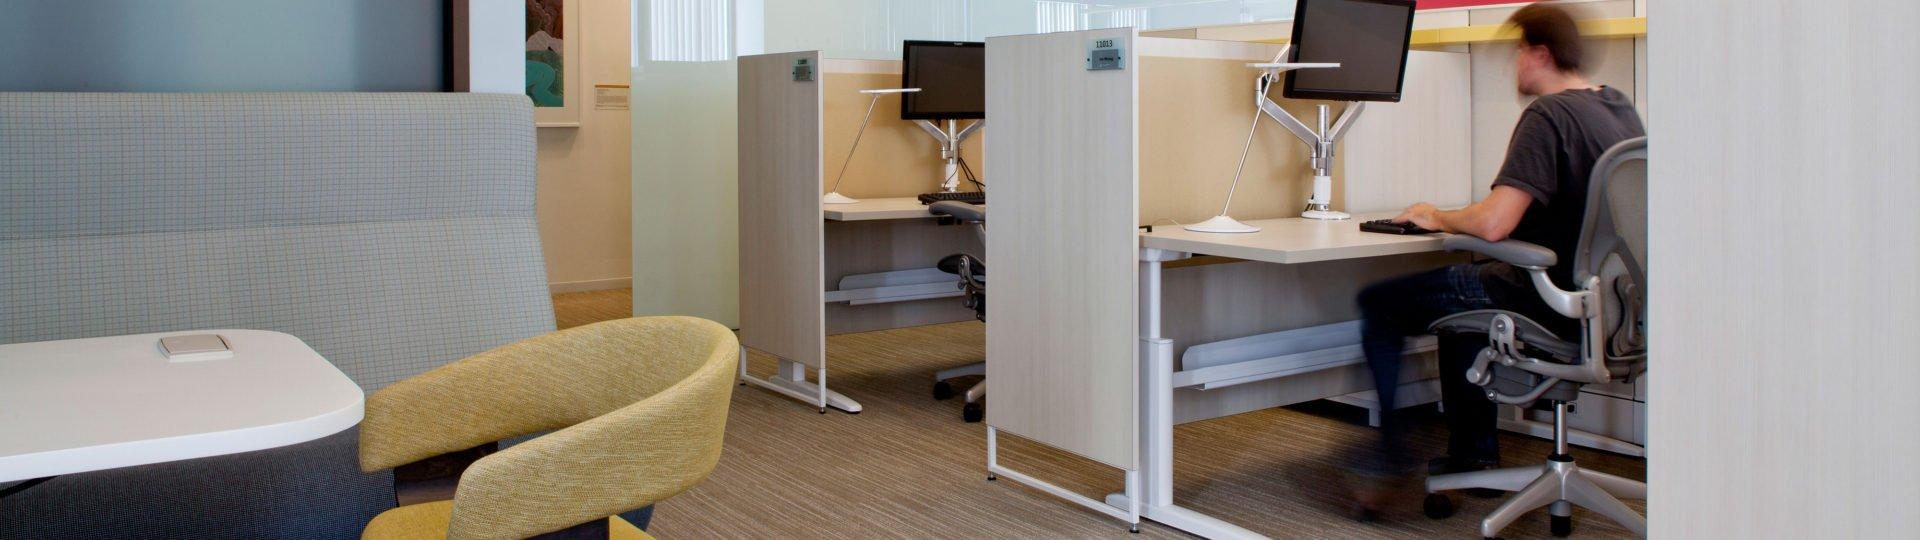 Unite cubicle desk systems by KI